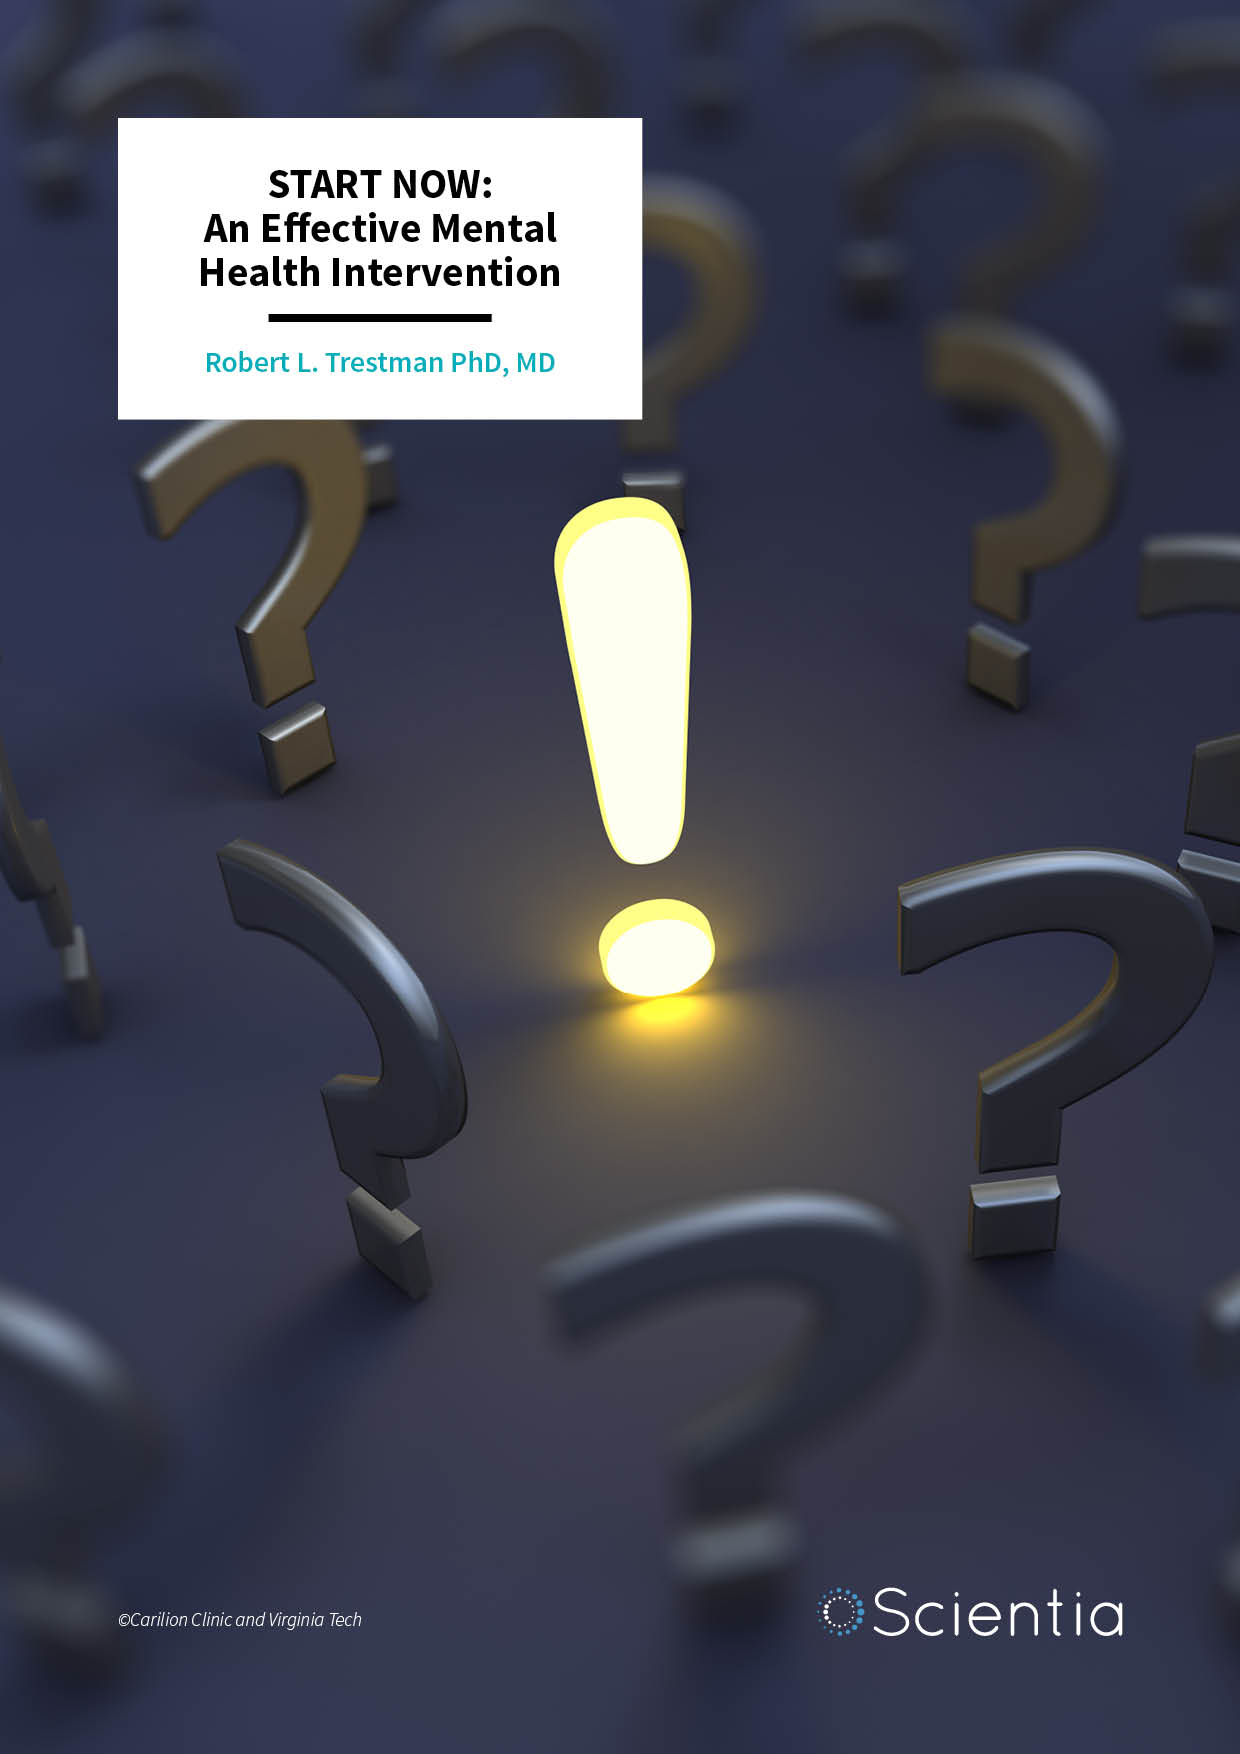 Dr. Robert Trestman – START NOW: An Effective Mental Health Intervention